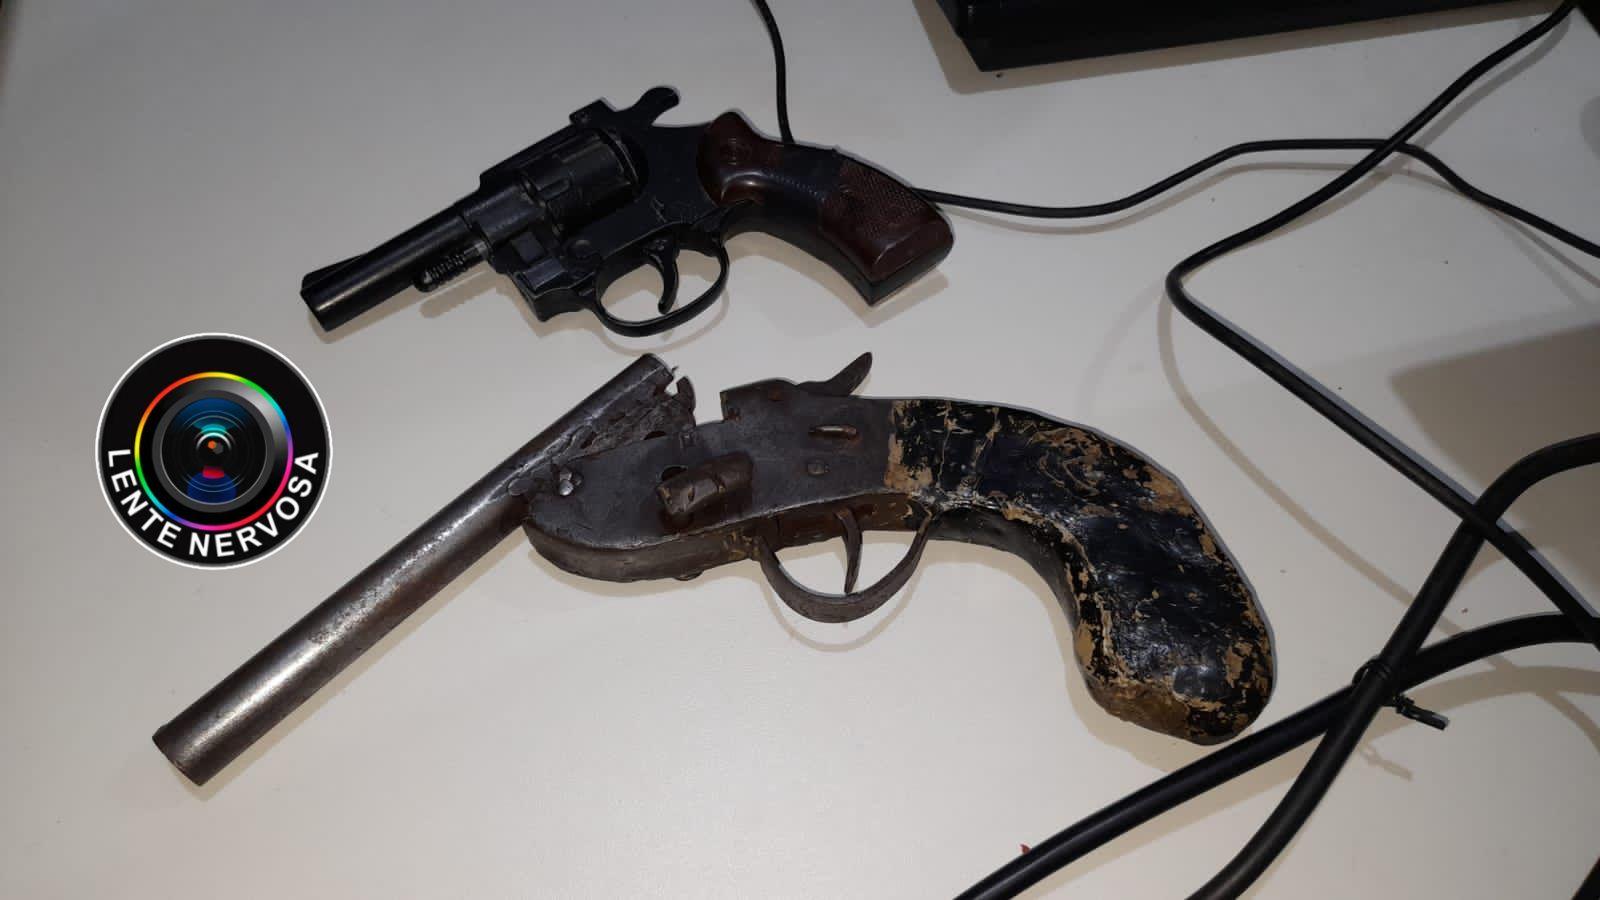 Criminoso morre ao trocar tiros com a polícia na zona leste da capital